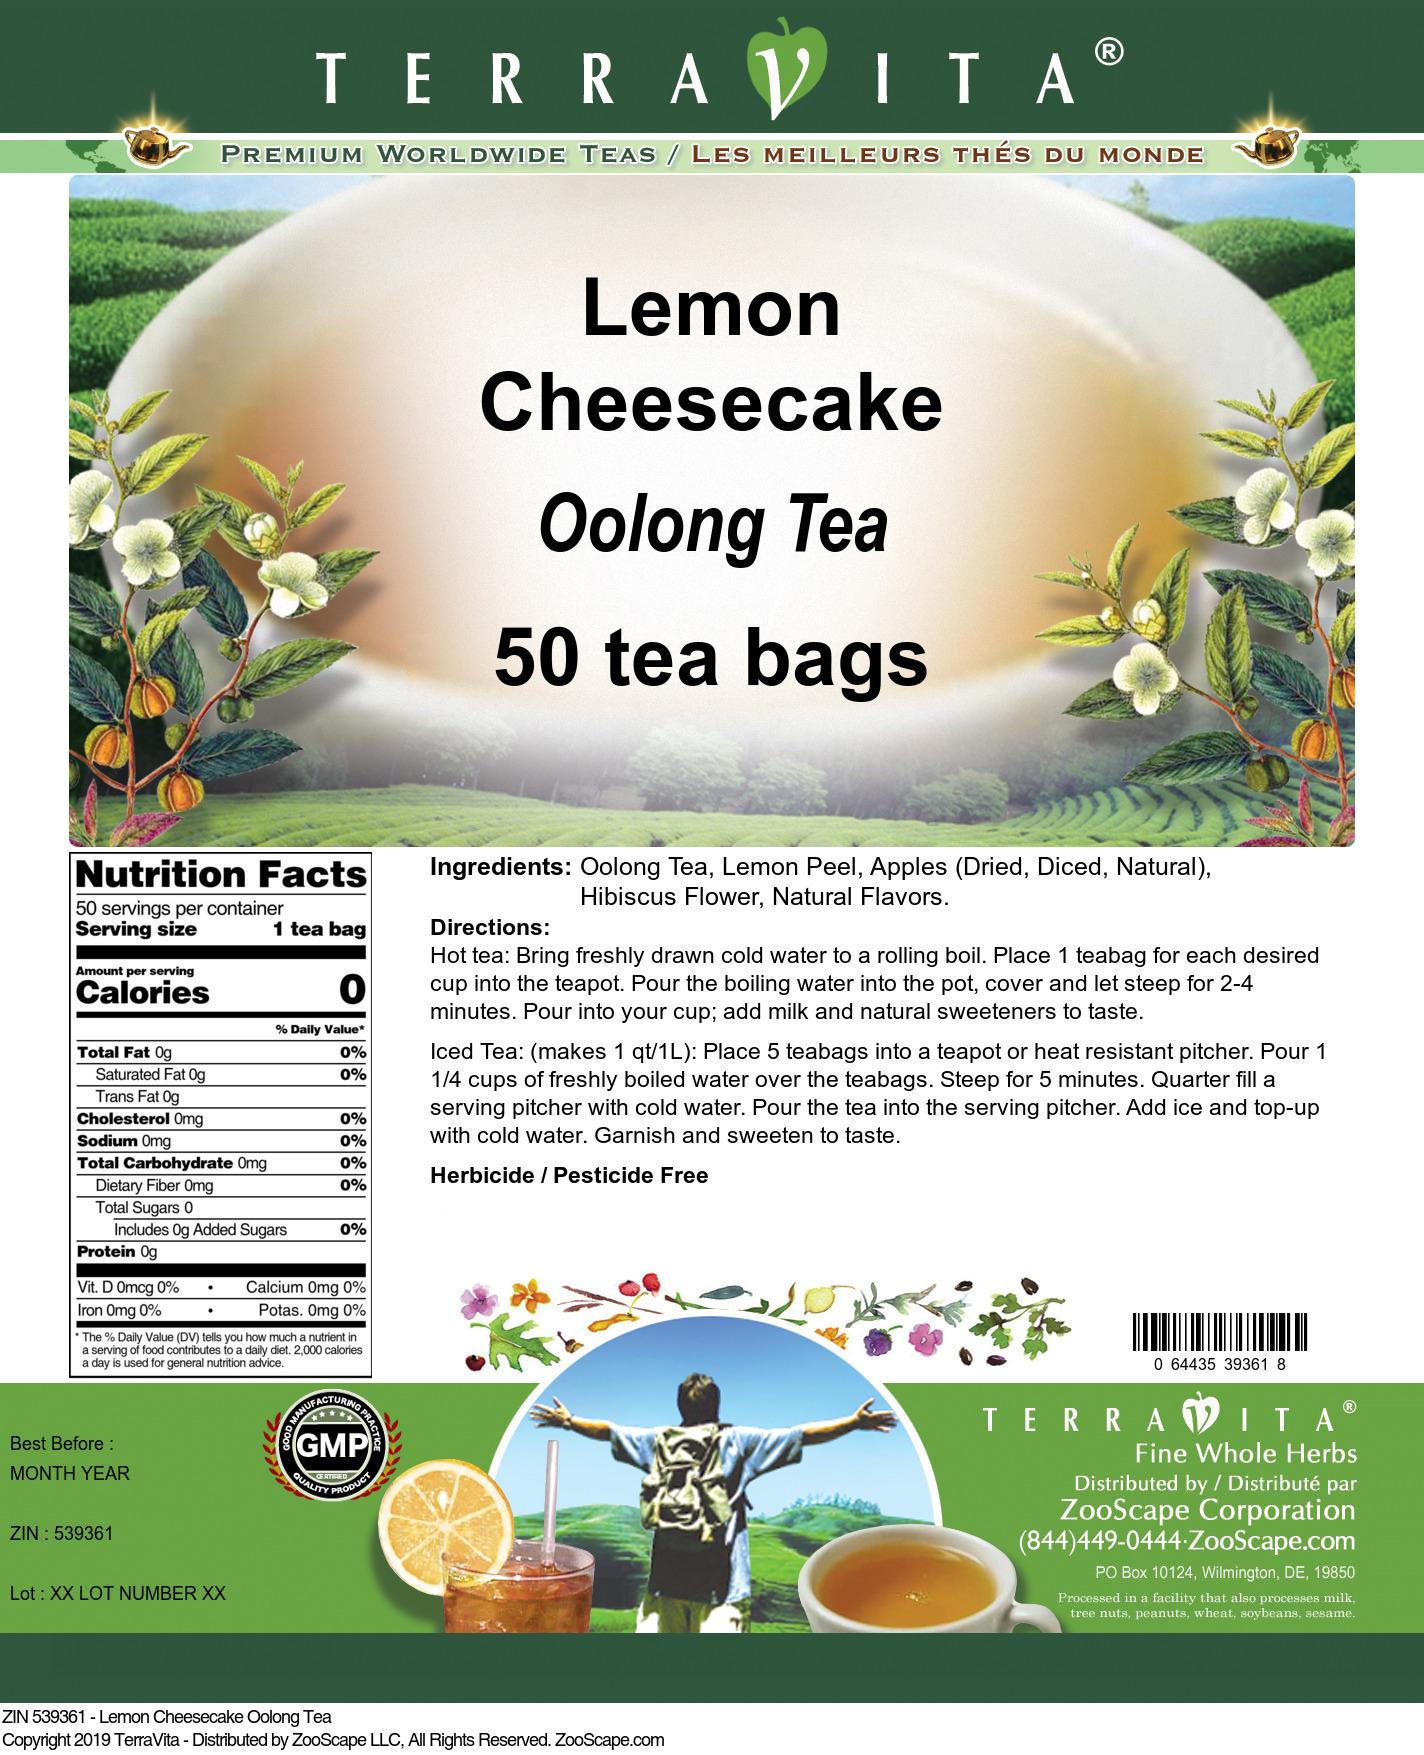 Lemon Cheesecake Oolong Tea